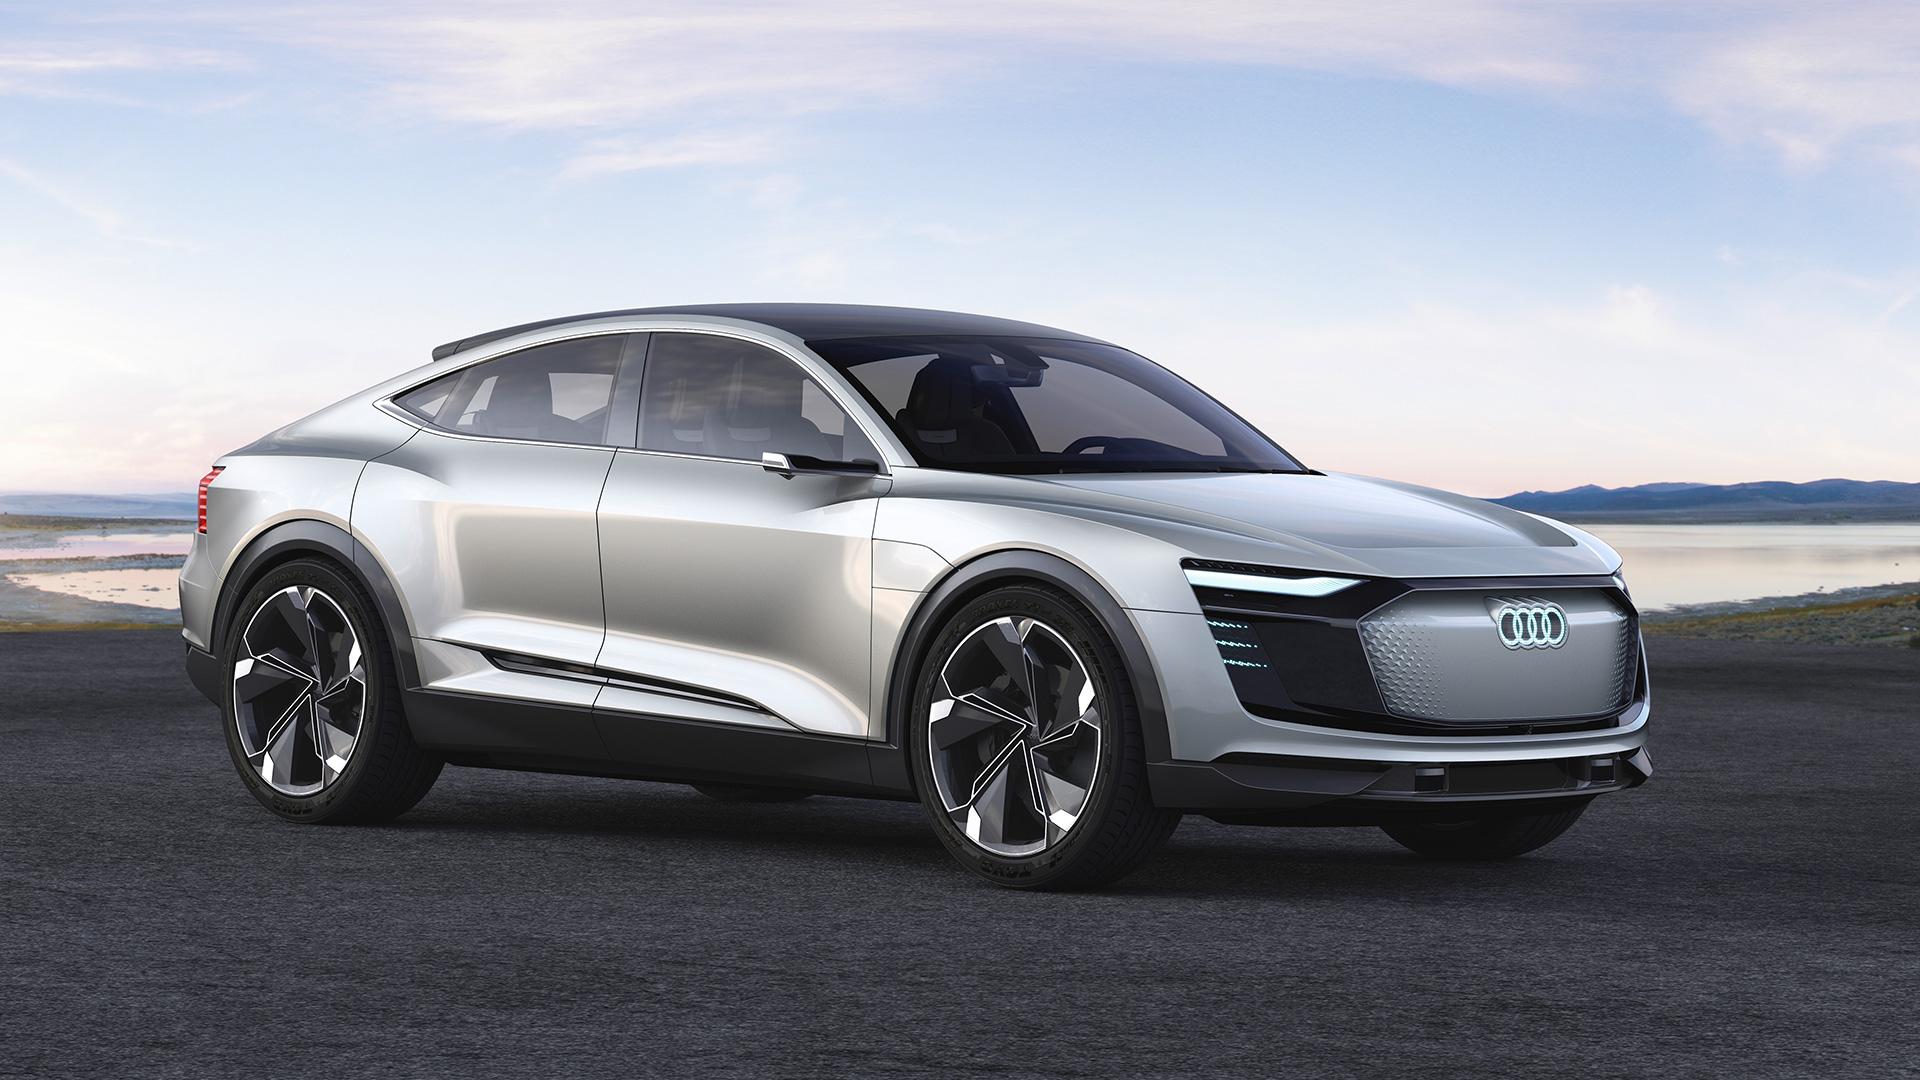 Выпуск нового электрического Audi e-tron откладывается до 2019 года 1